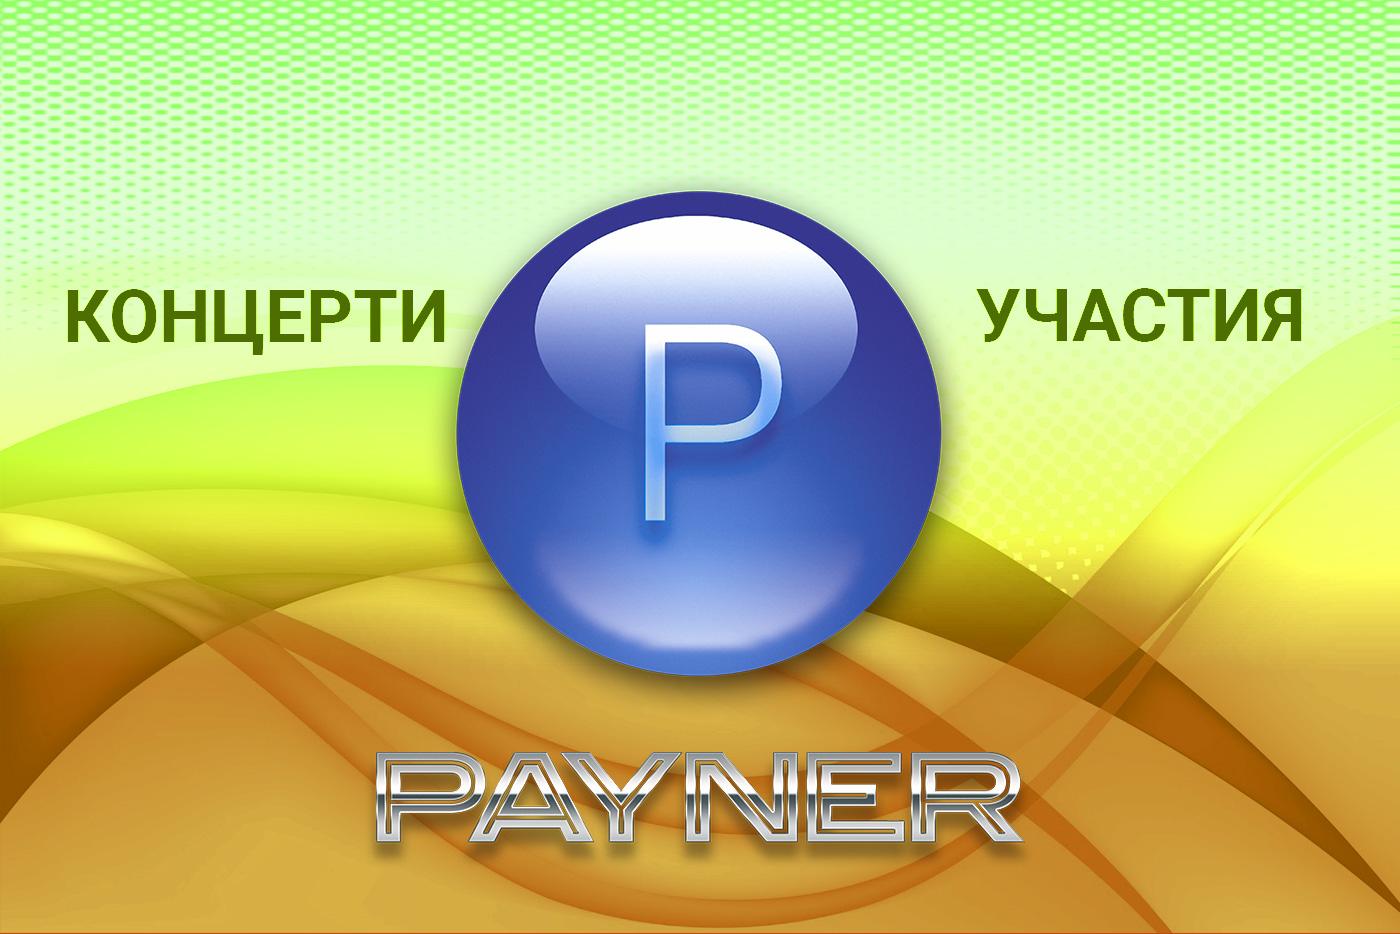 """Участия на звездите на """"Пайнер"""" на 11.08.2019"""